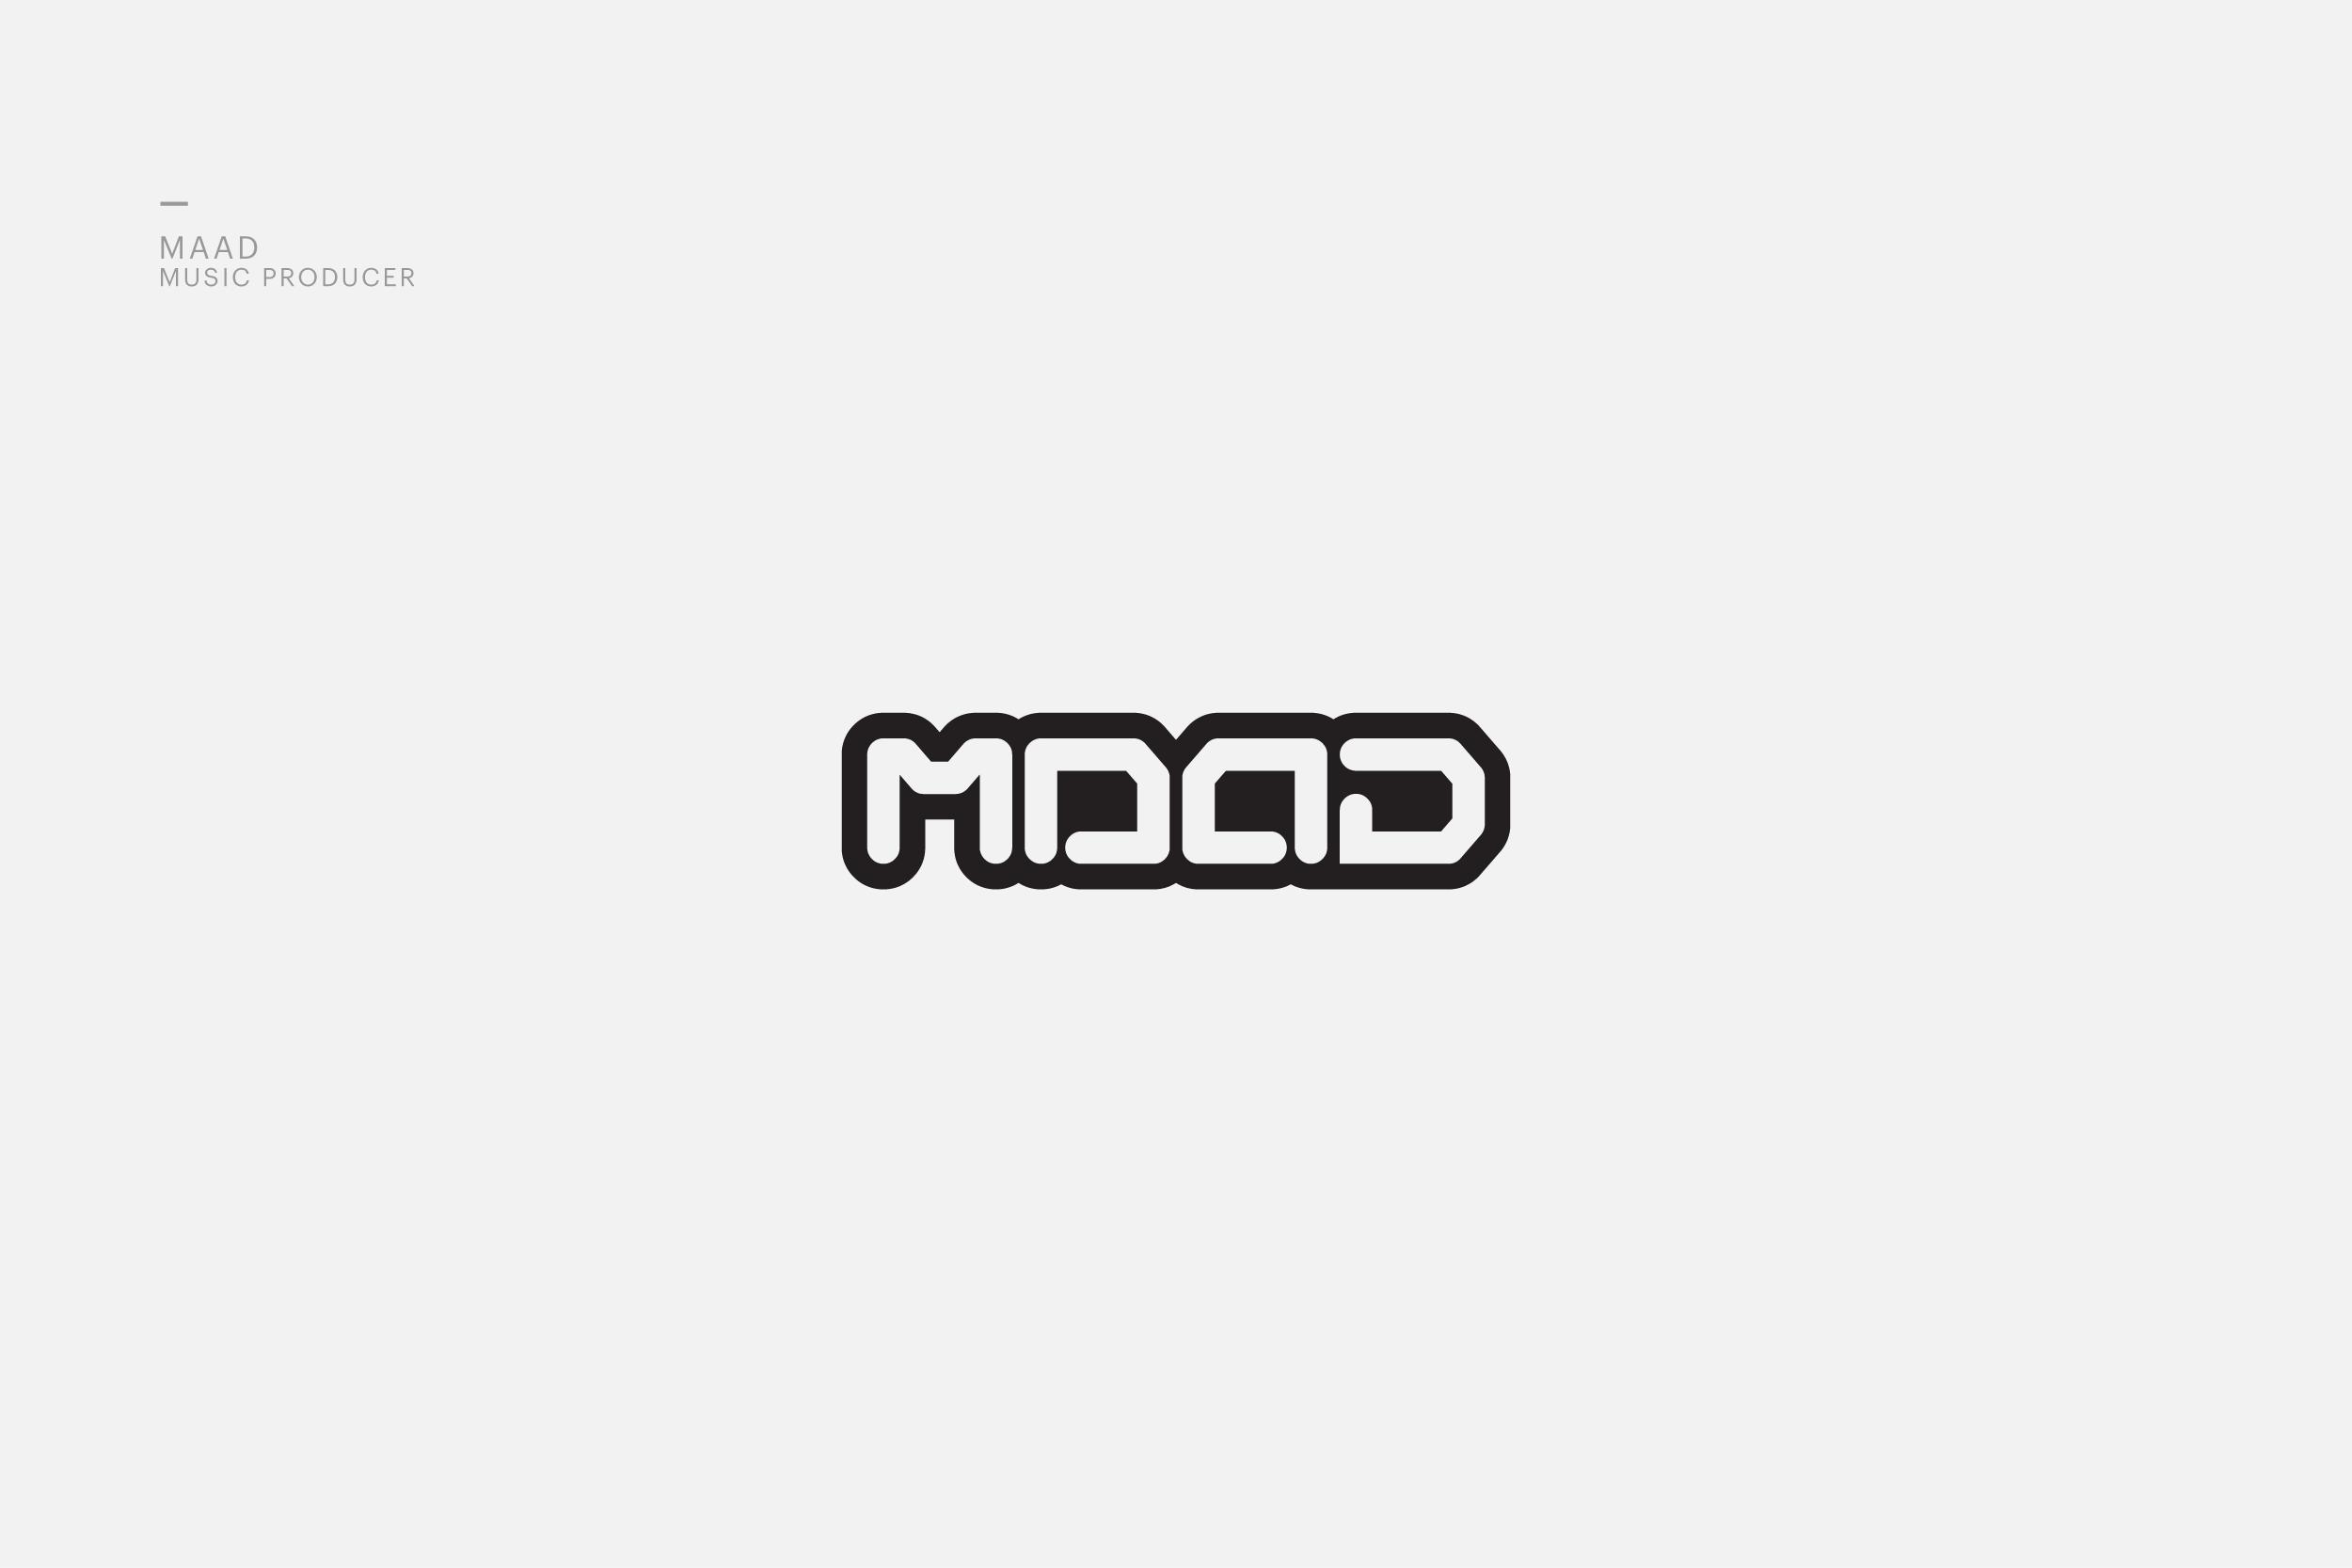 Logos_Final_13